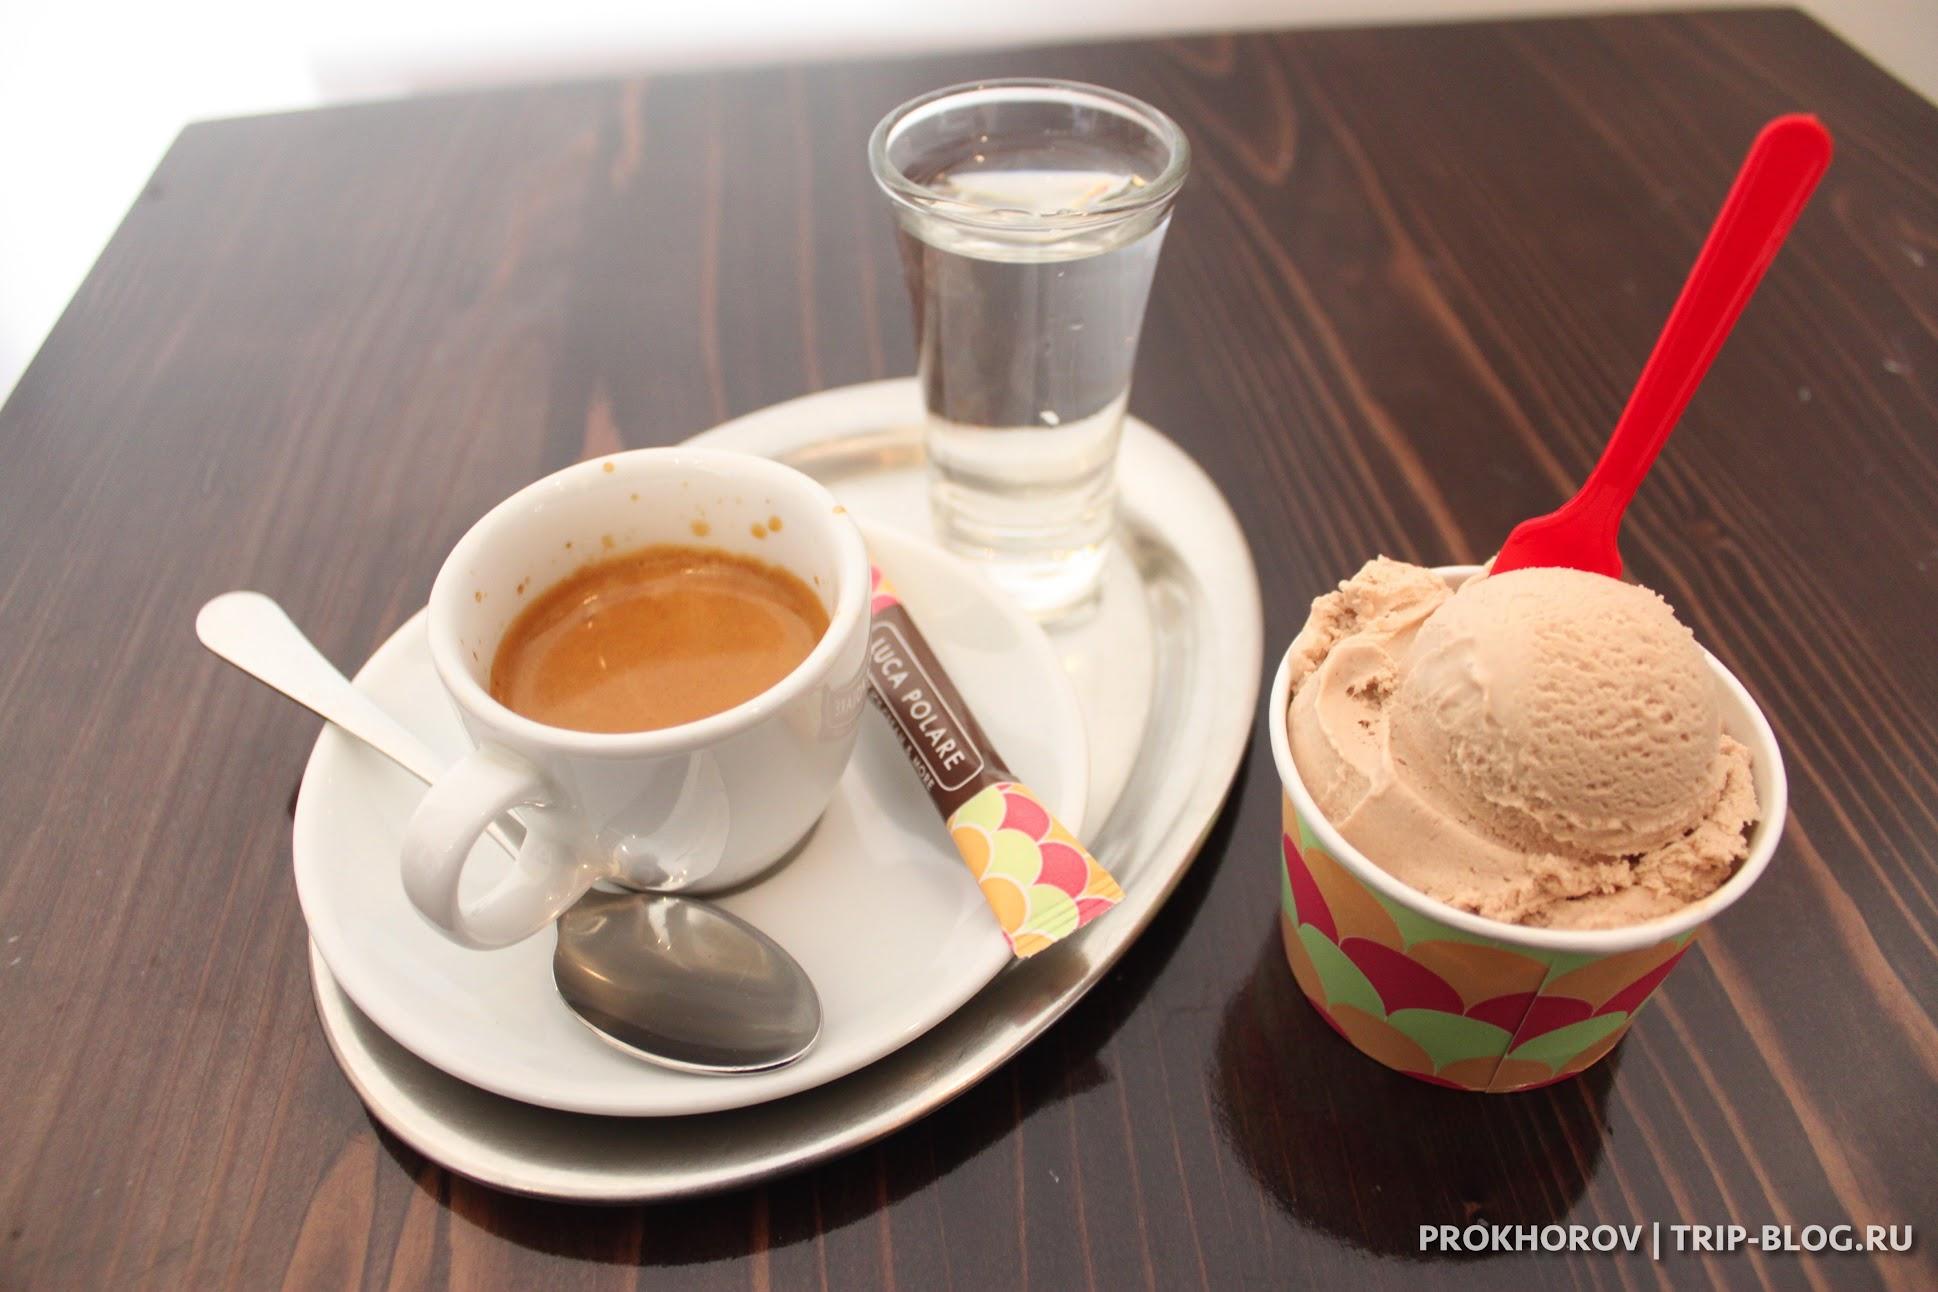 Кофе в Luca Polare